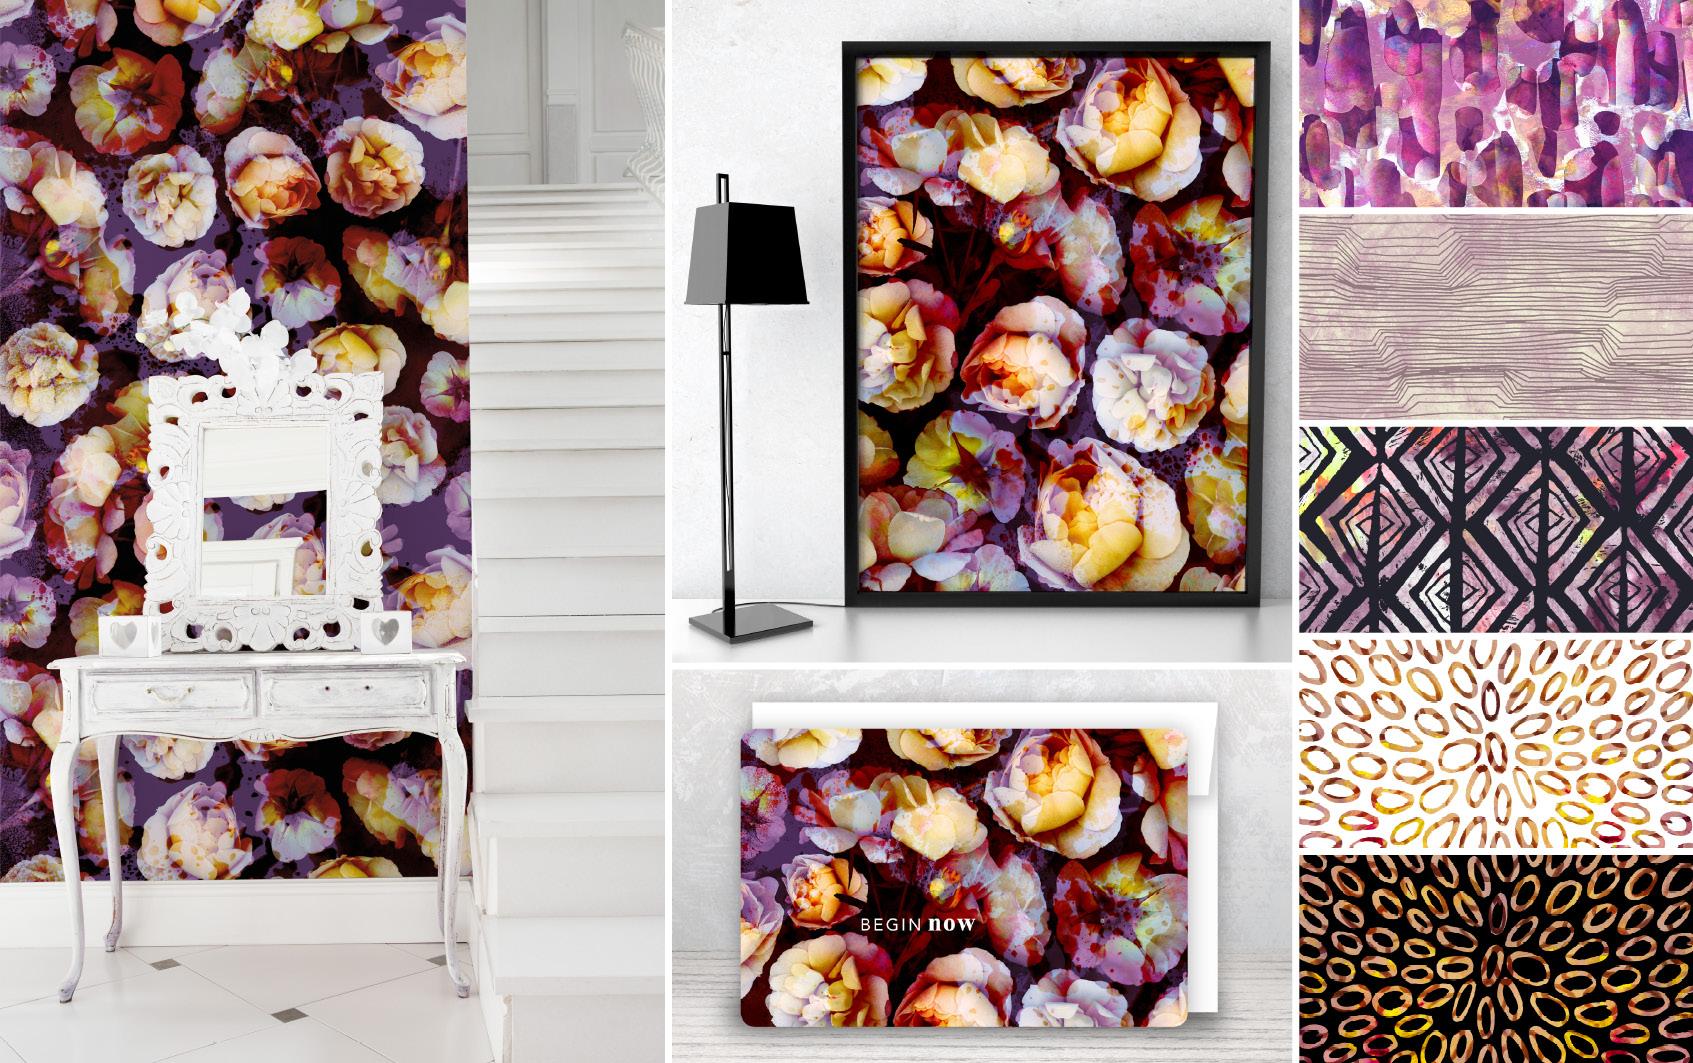 SusanneKasielke-collections-026.jpg